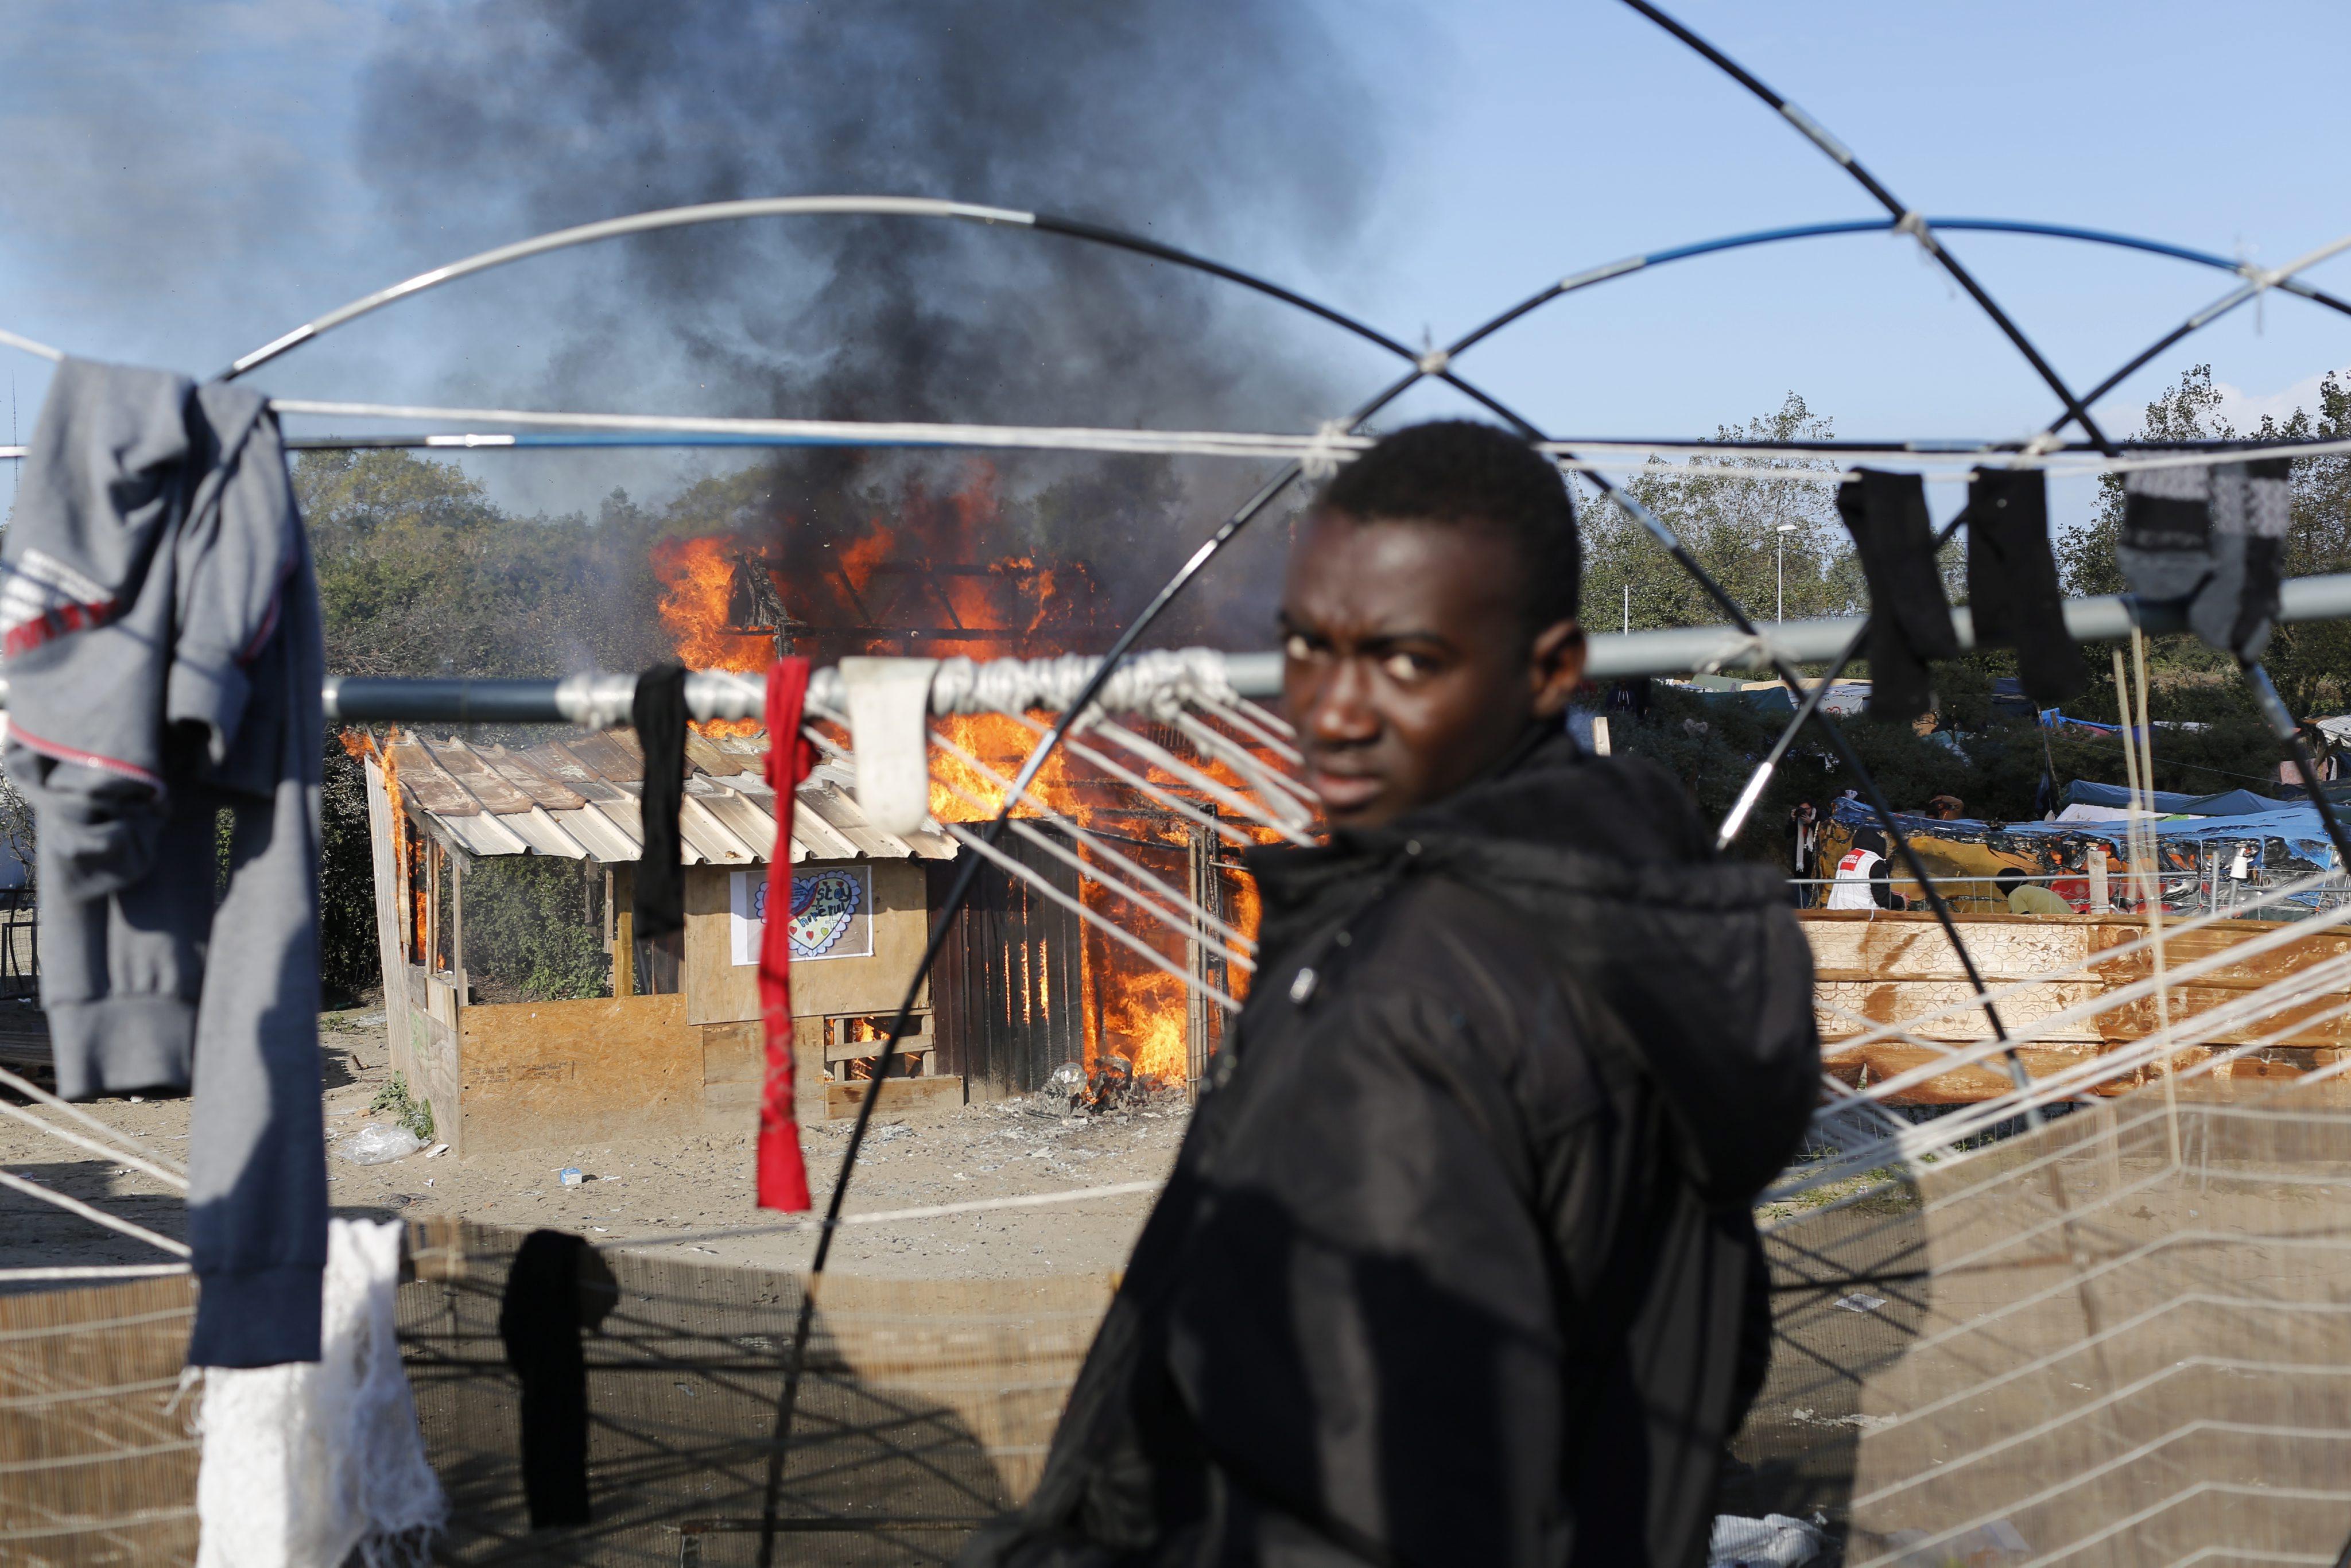 Rozpoczęło się niszczenie obozu dla migrantów Calais. fot. EPA/THIBAULT VANDERMERSCH